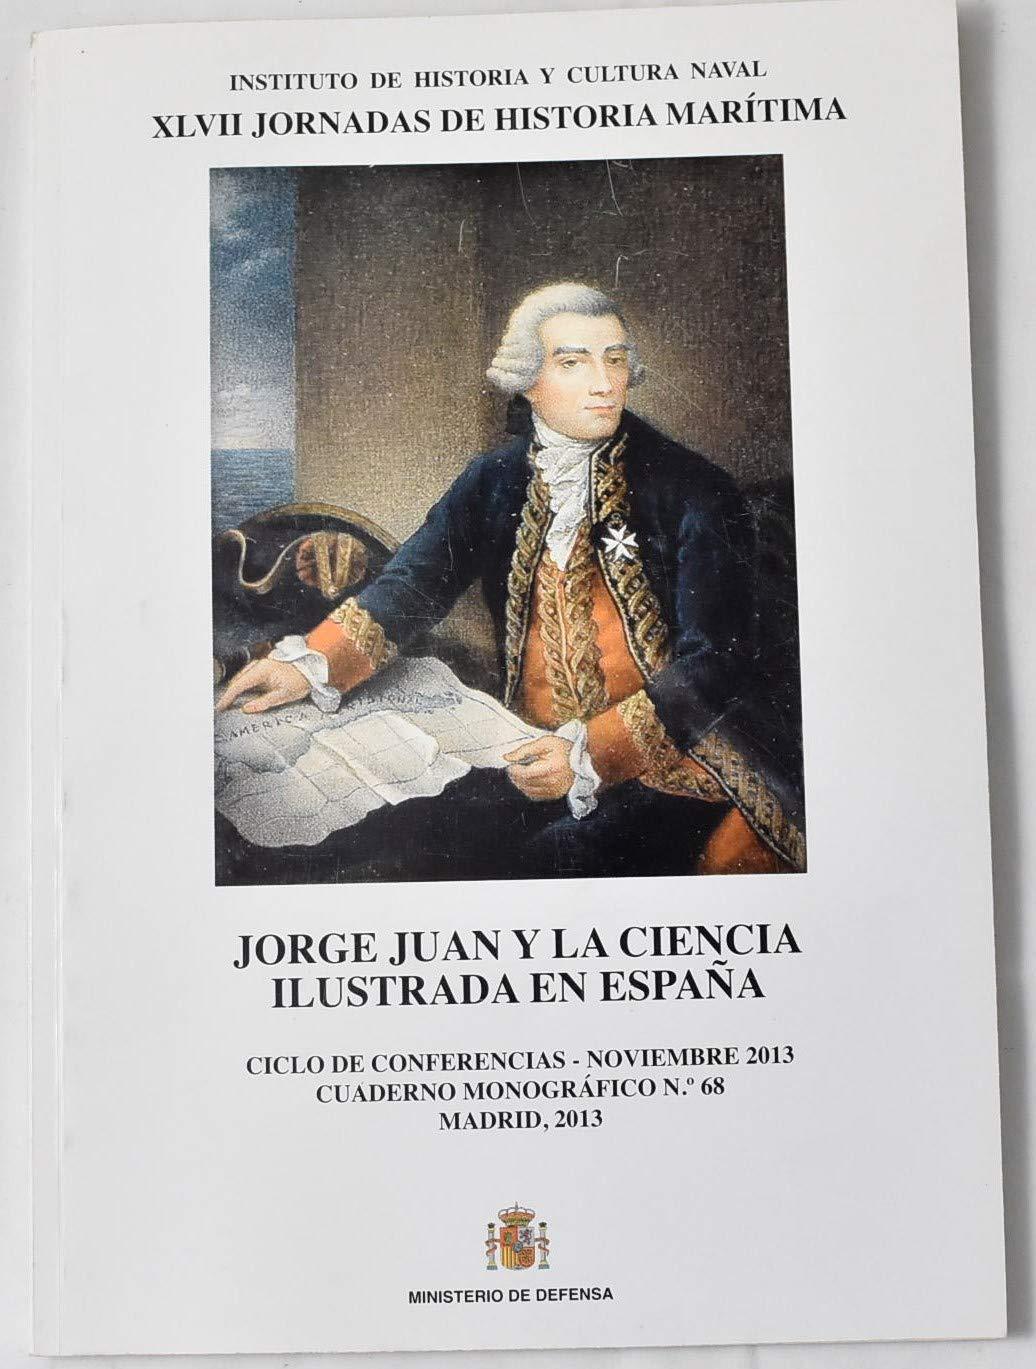 Jorge Juan y la ciencia ilustrada en España Cuaderno monográfico: Amazon.es: Libros